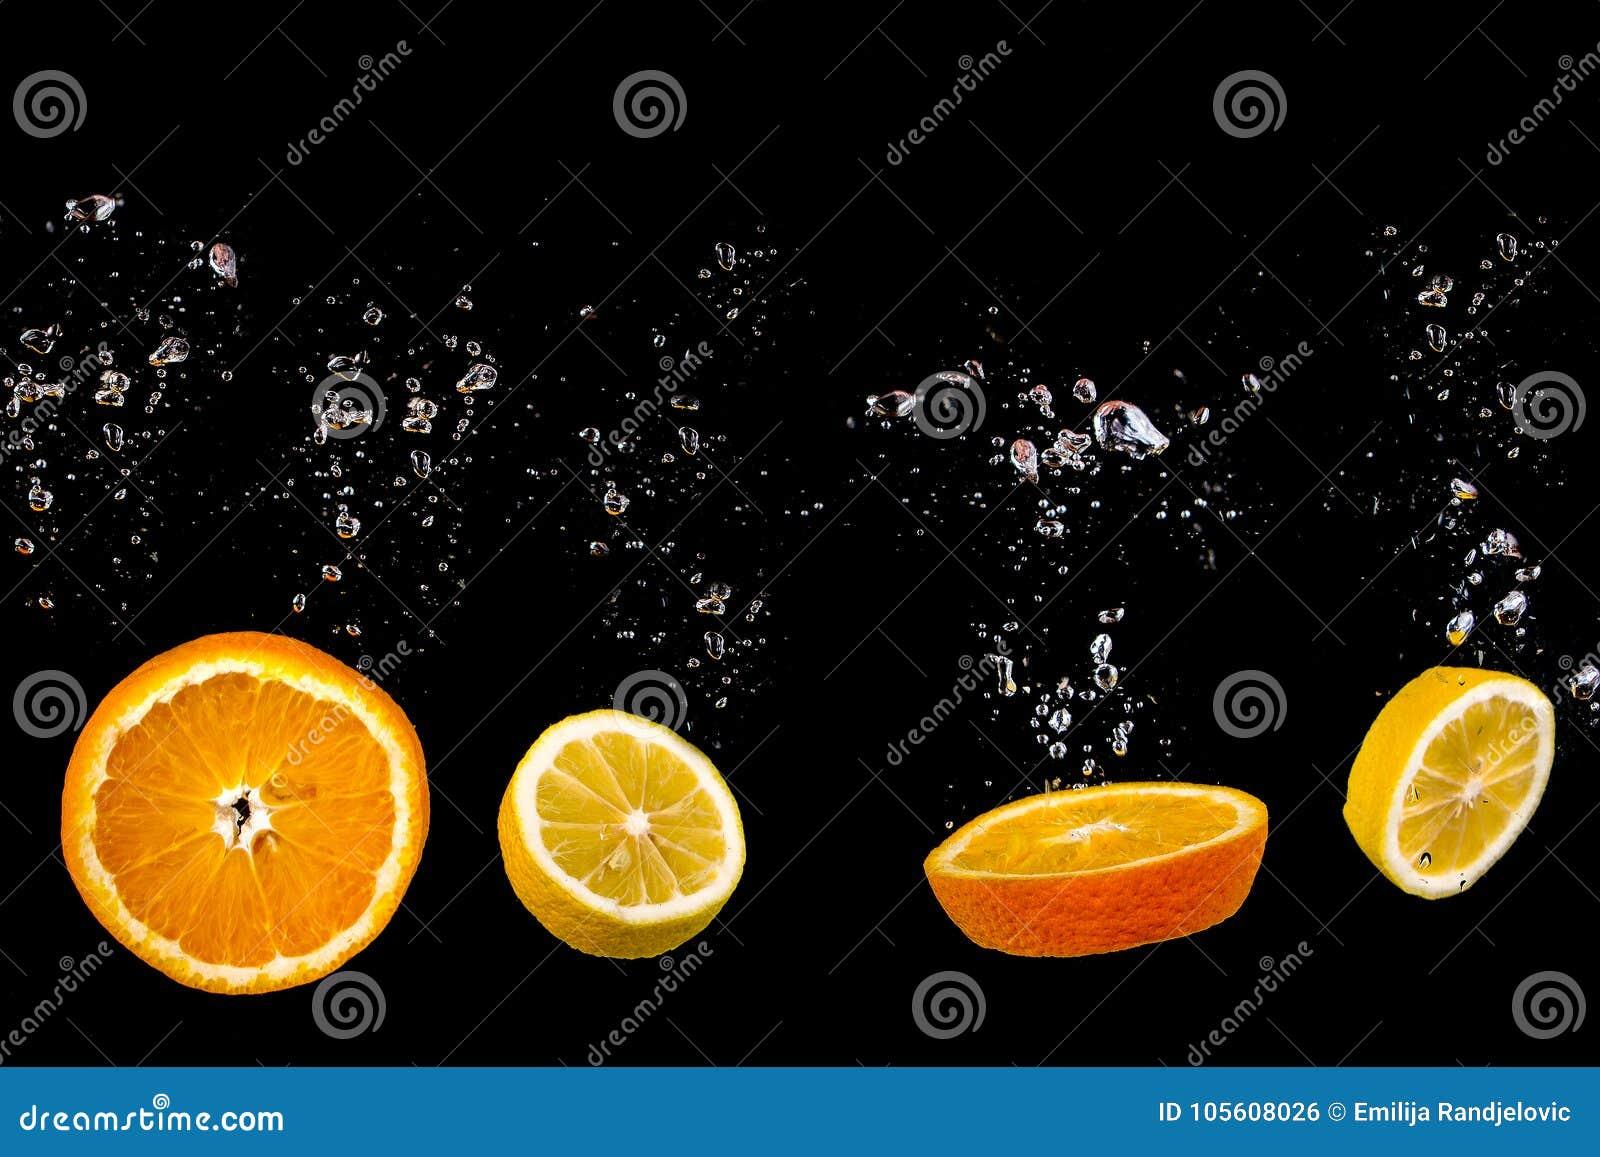 Schnittorangen- und -zitronenflöße auf Wasser mit Blasen, Früchte ist auf einem schwarzen Hintergrund